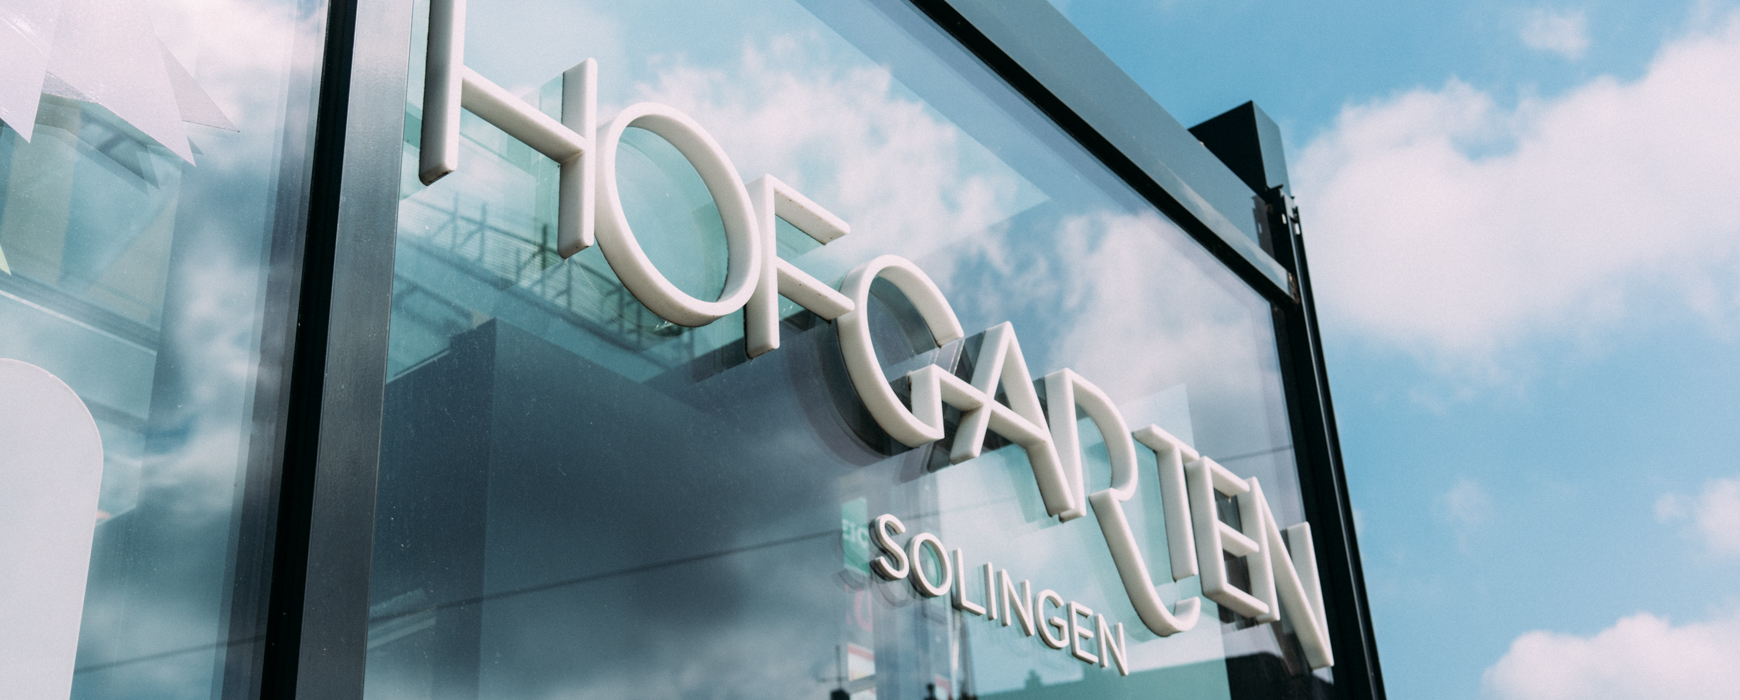 Hier findest du alle Einkaufsmöglichkeiten die dich im Hofgarten Solingen erwarten